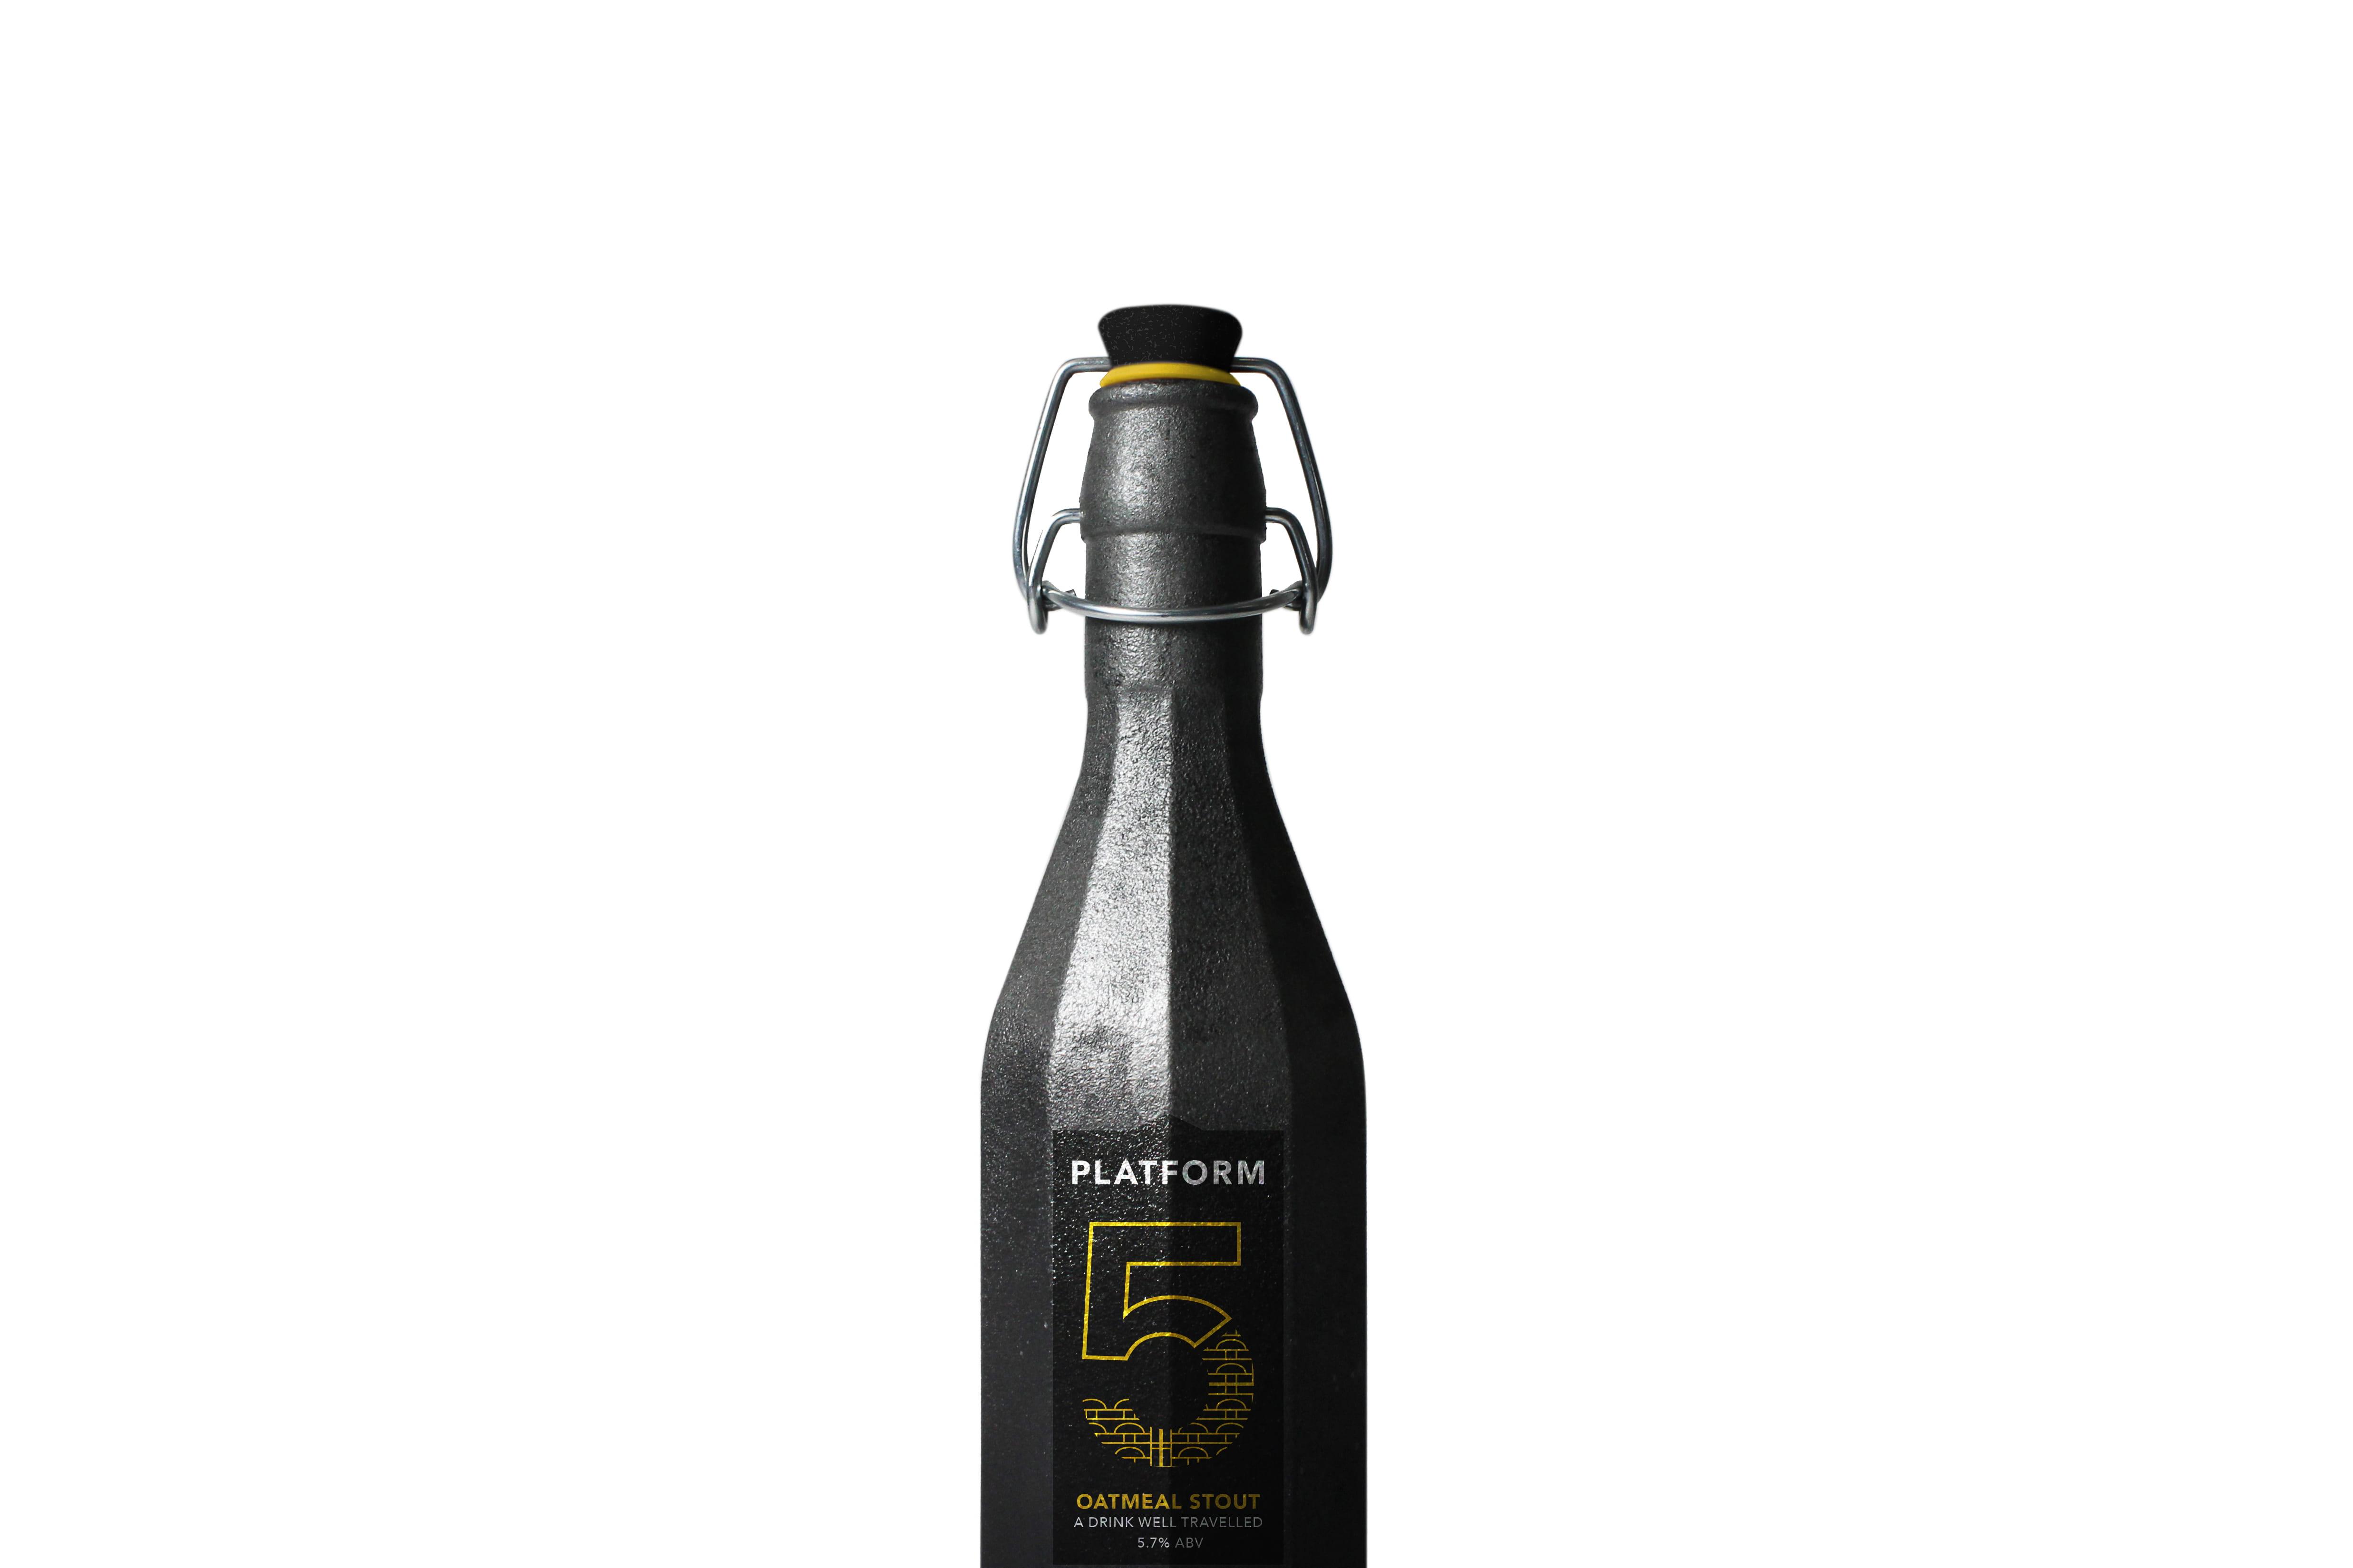 A dark pewter bottle with a black label, reading: 'Platform 5'.